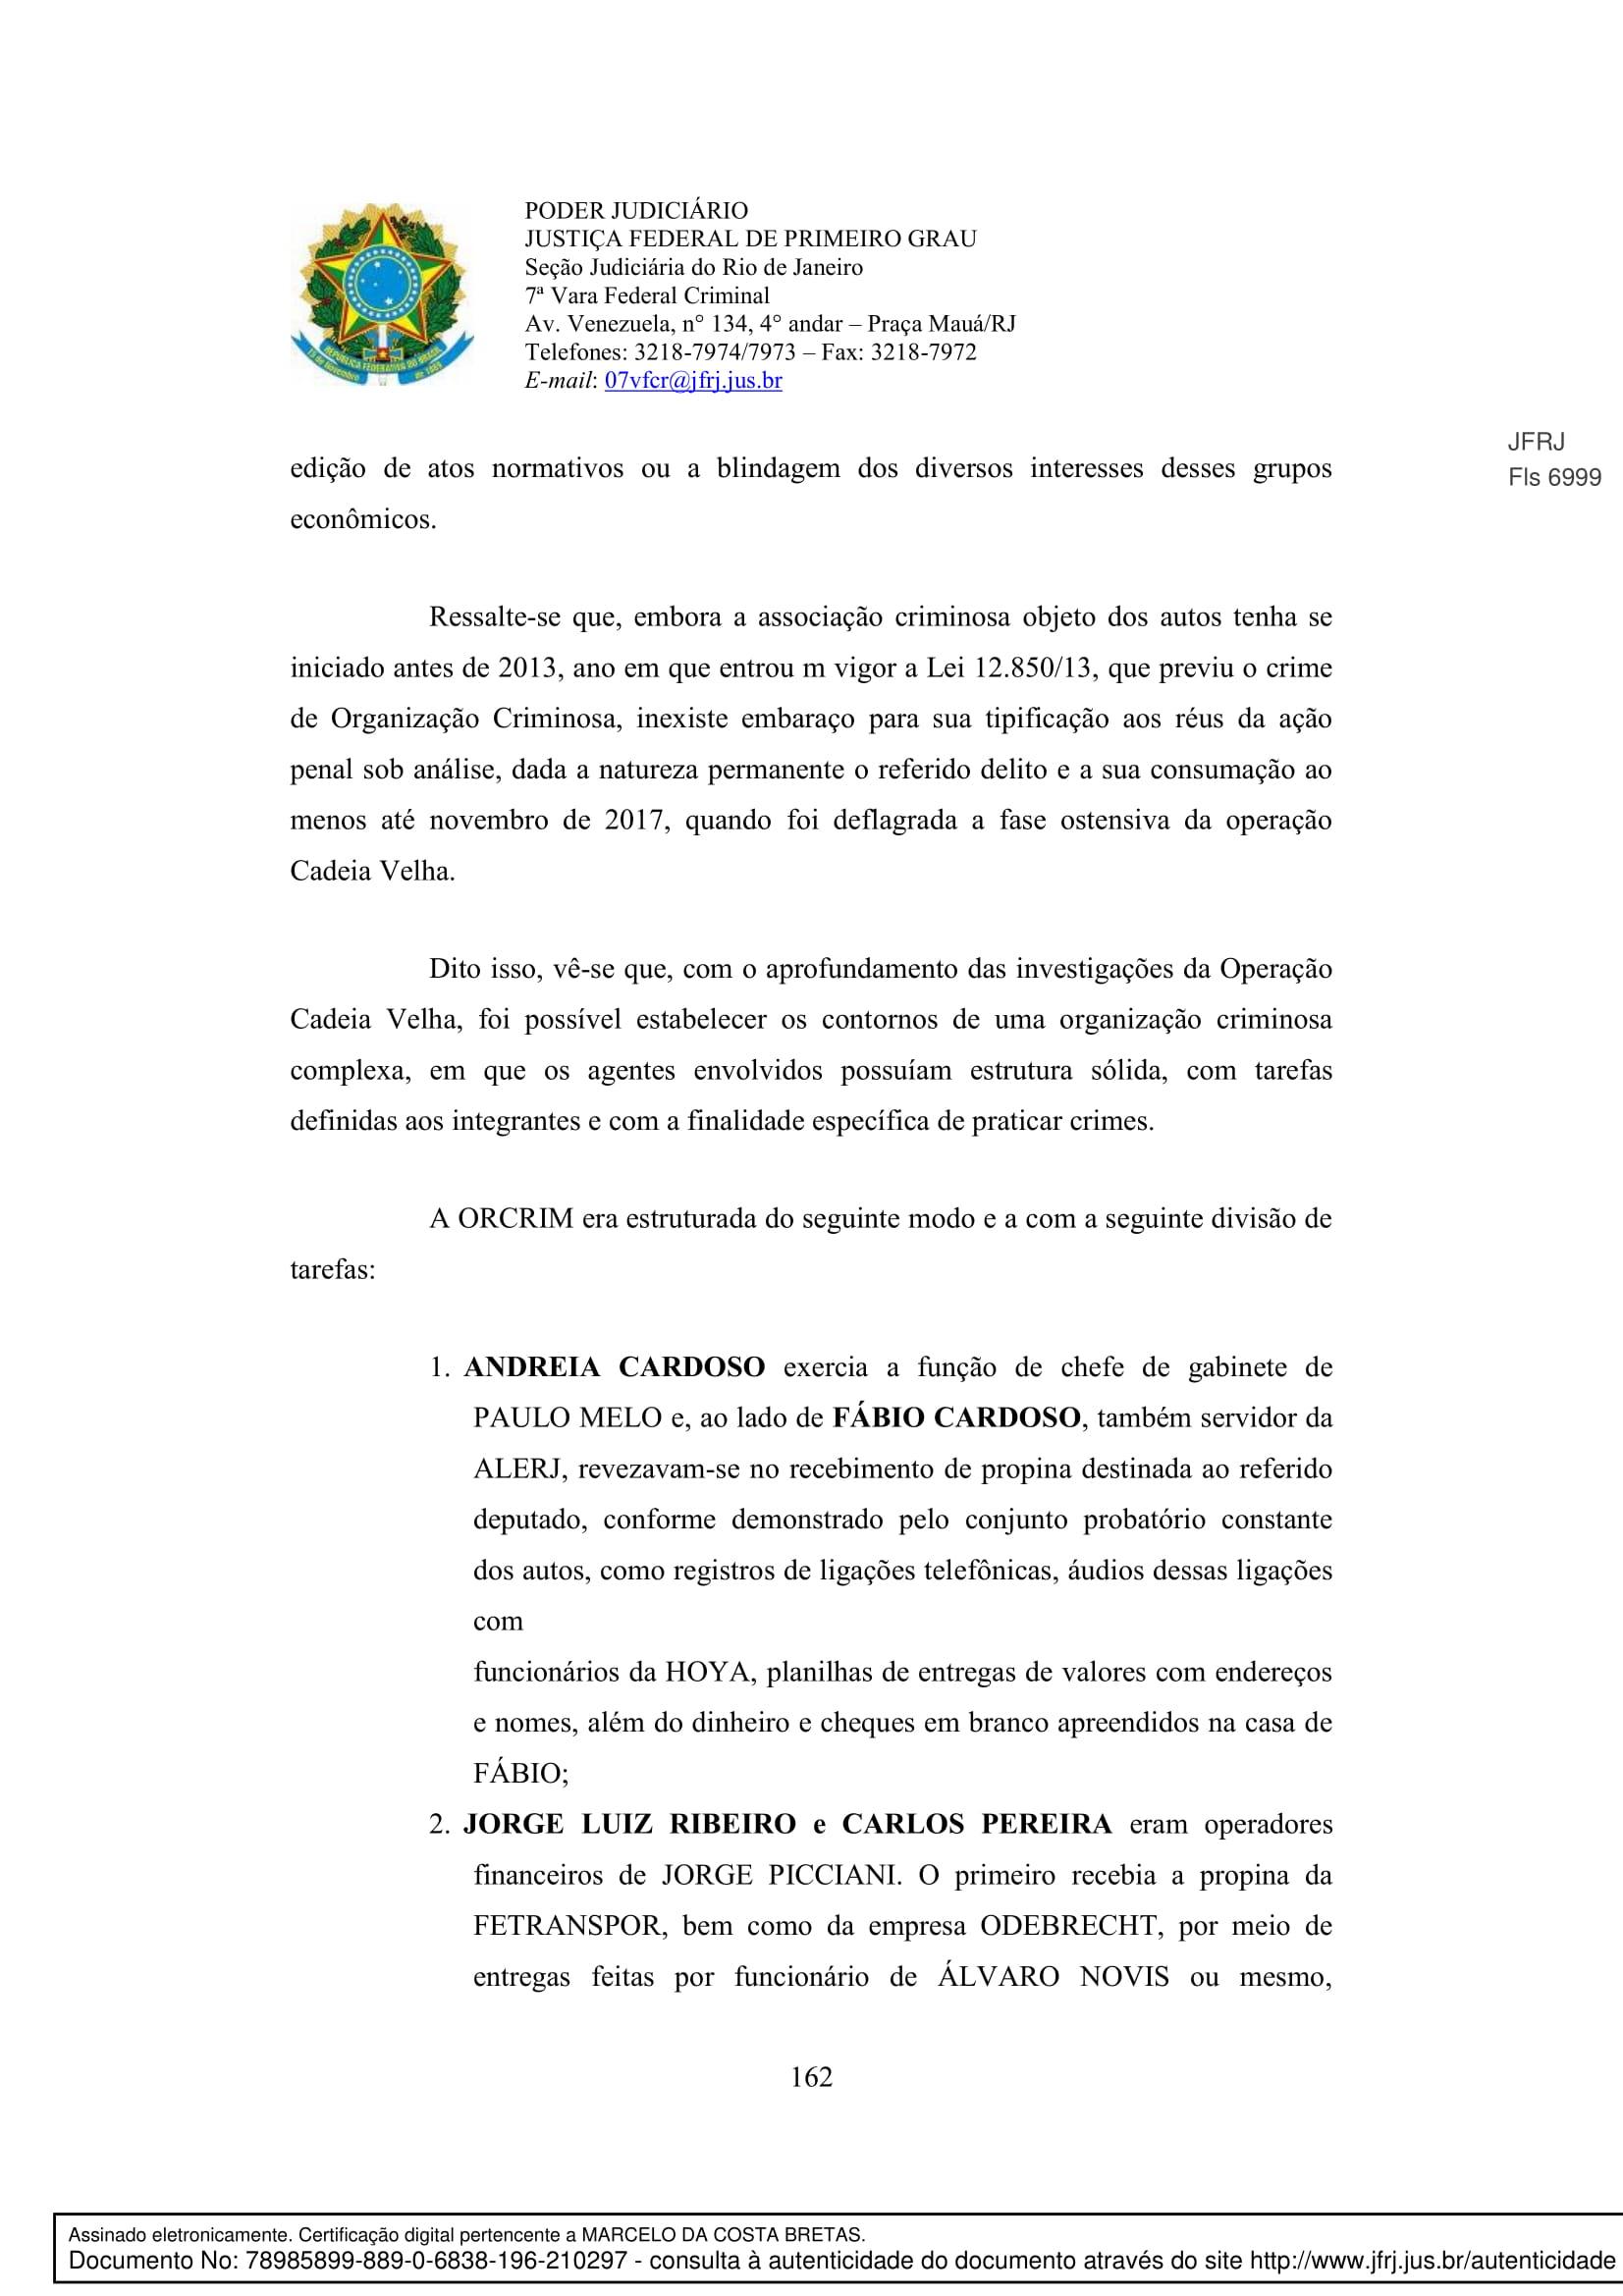 Sentenca-Cadeia-Velha-7VFC-162